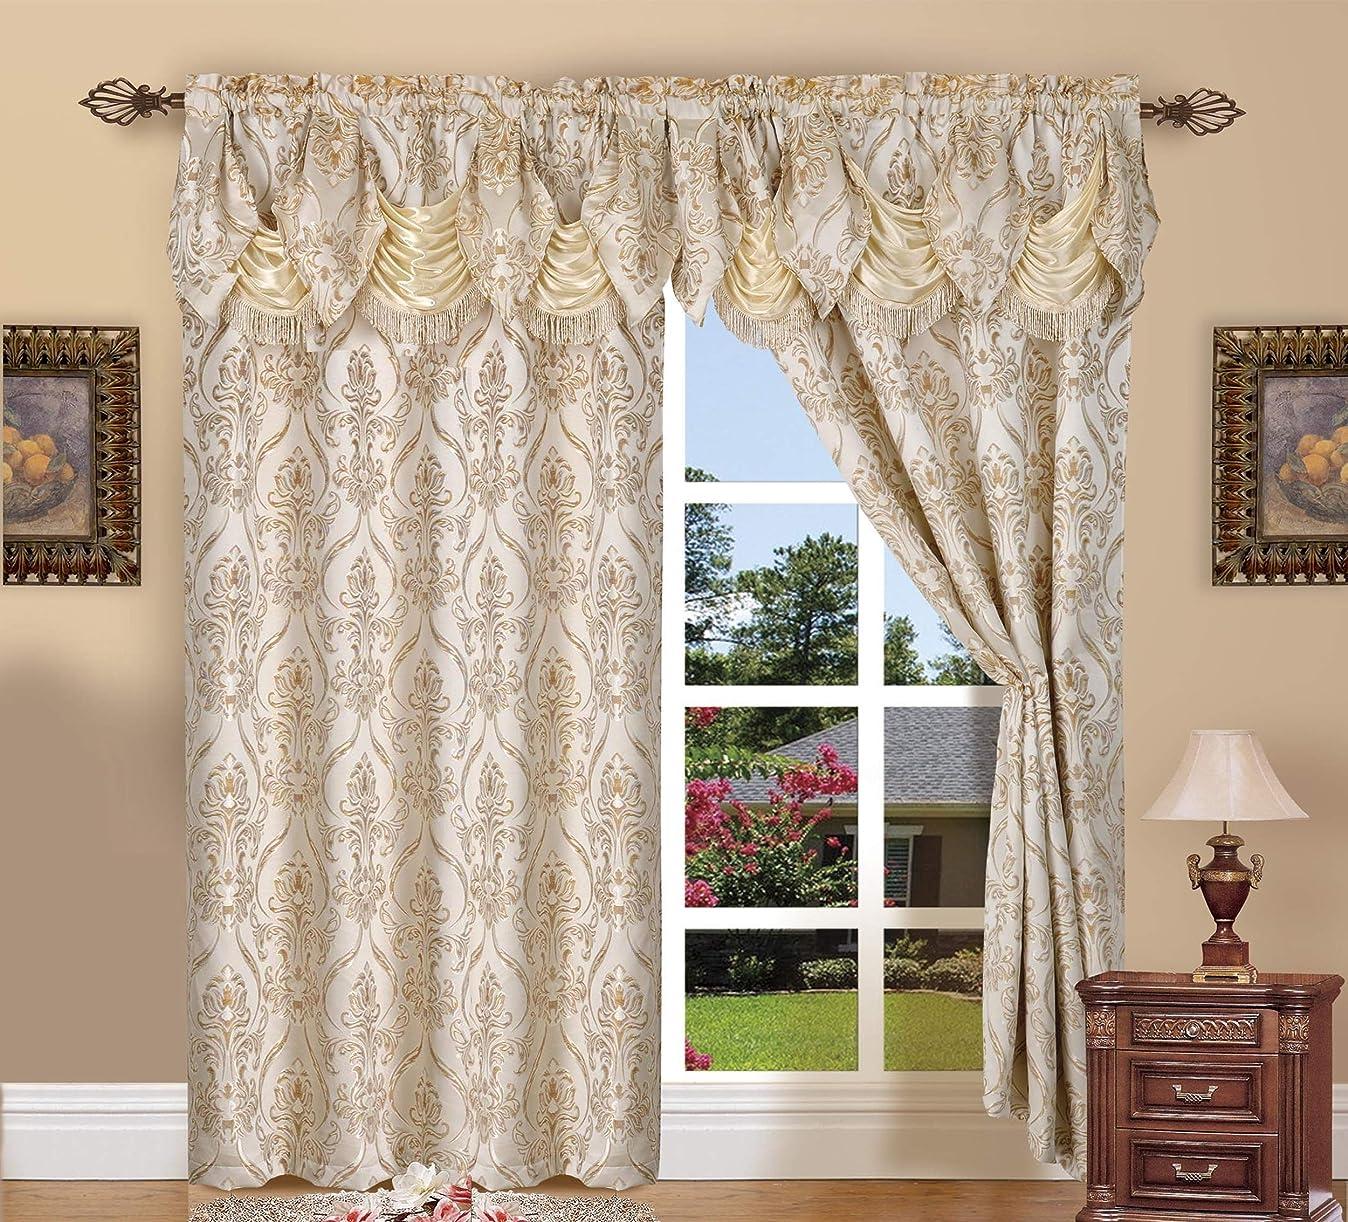 会計セグメント寛大さ(Beige) - Elegant Comfort Penelopie Jacquard Look Curtain Panel Set, 140cm by 210cm , Beige, Set of 2